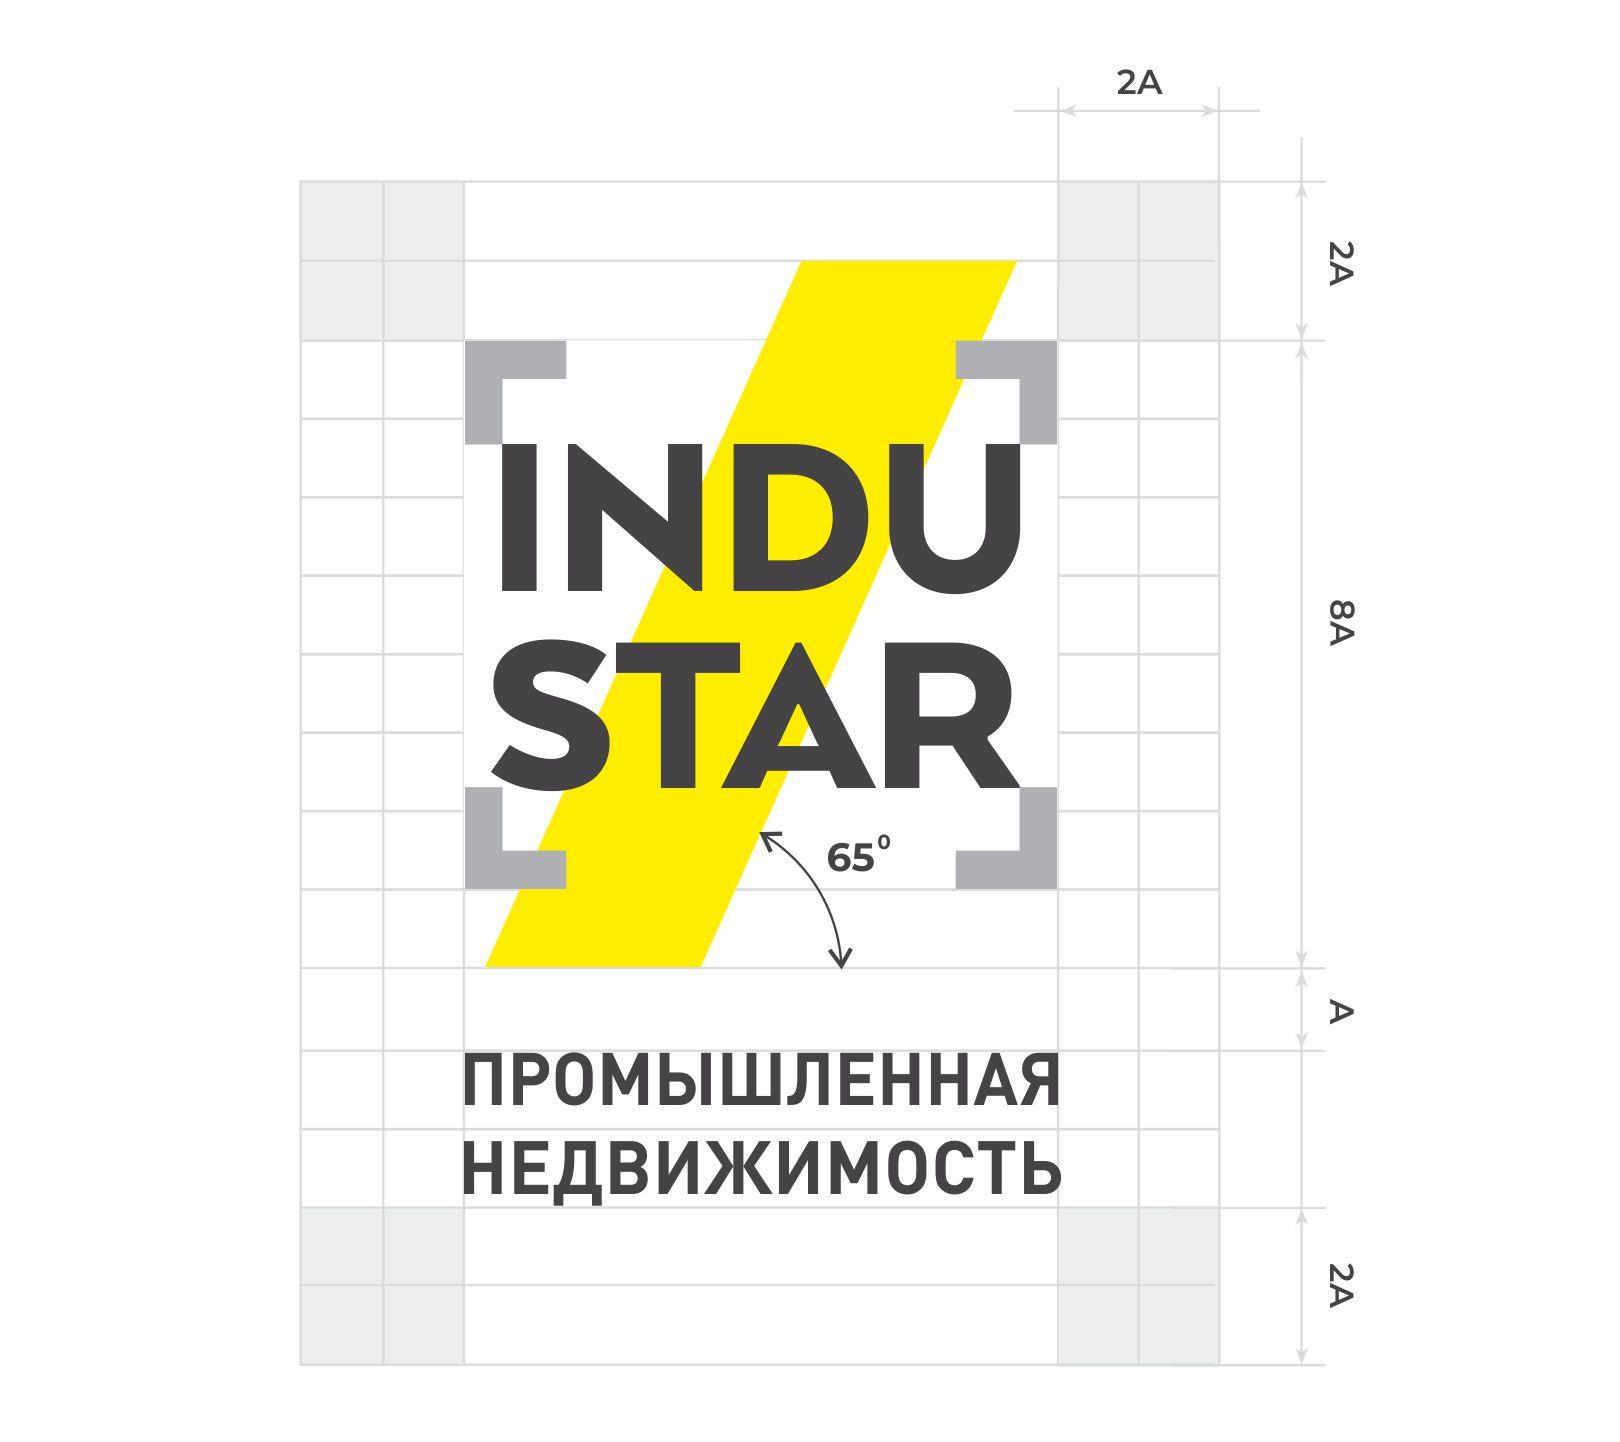 Недвижимость разработка логотипа